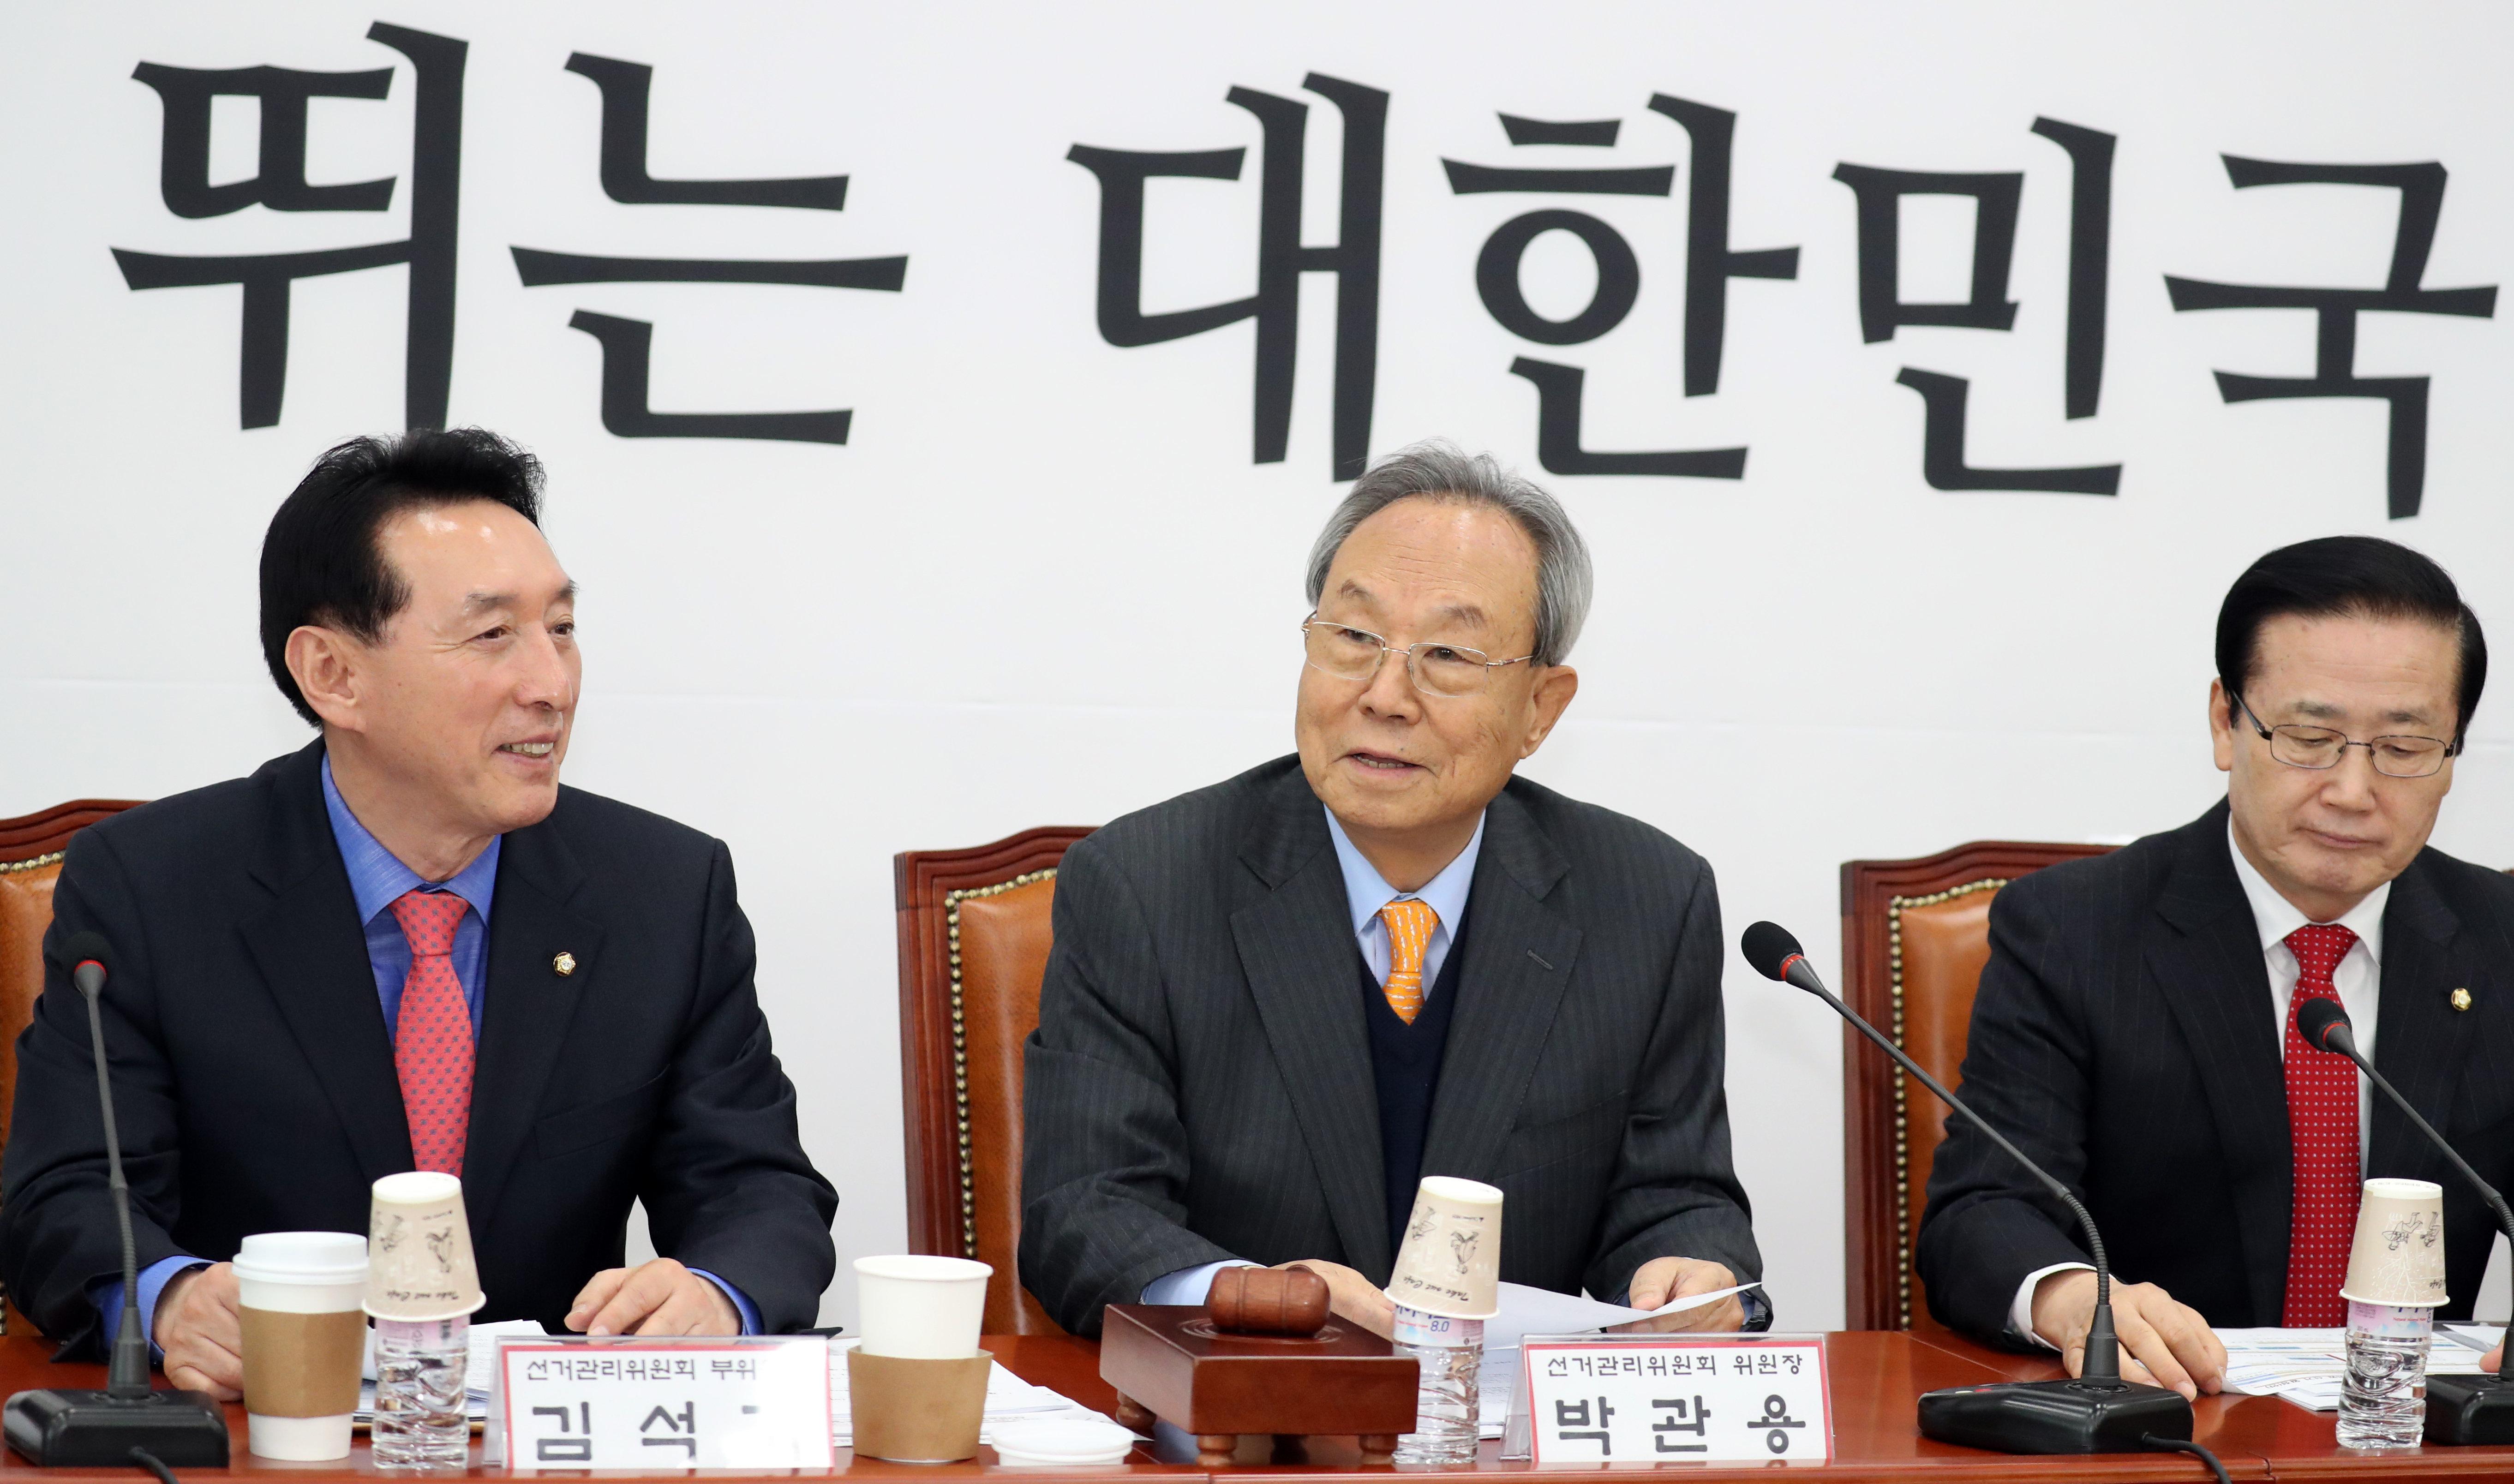 박관용 자유한국당 선거관리위원장(가운데)이 8일 서울 여의도 국회에서 열린 긴급회의에서 모두발언을 하고 있다.